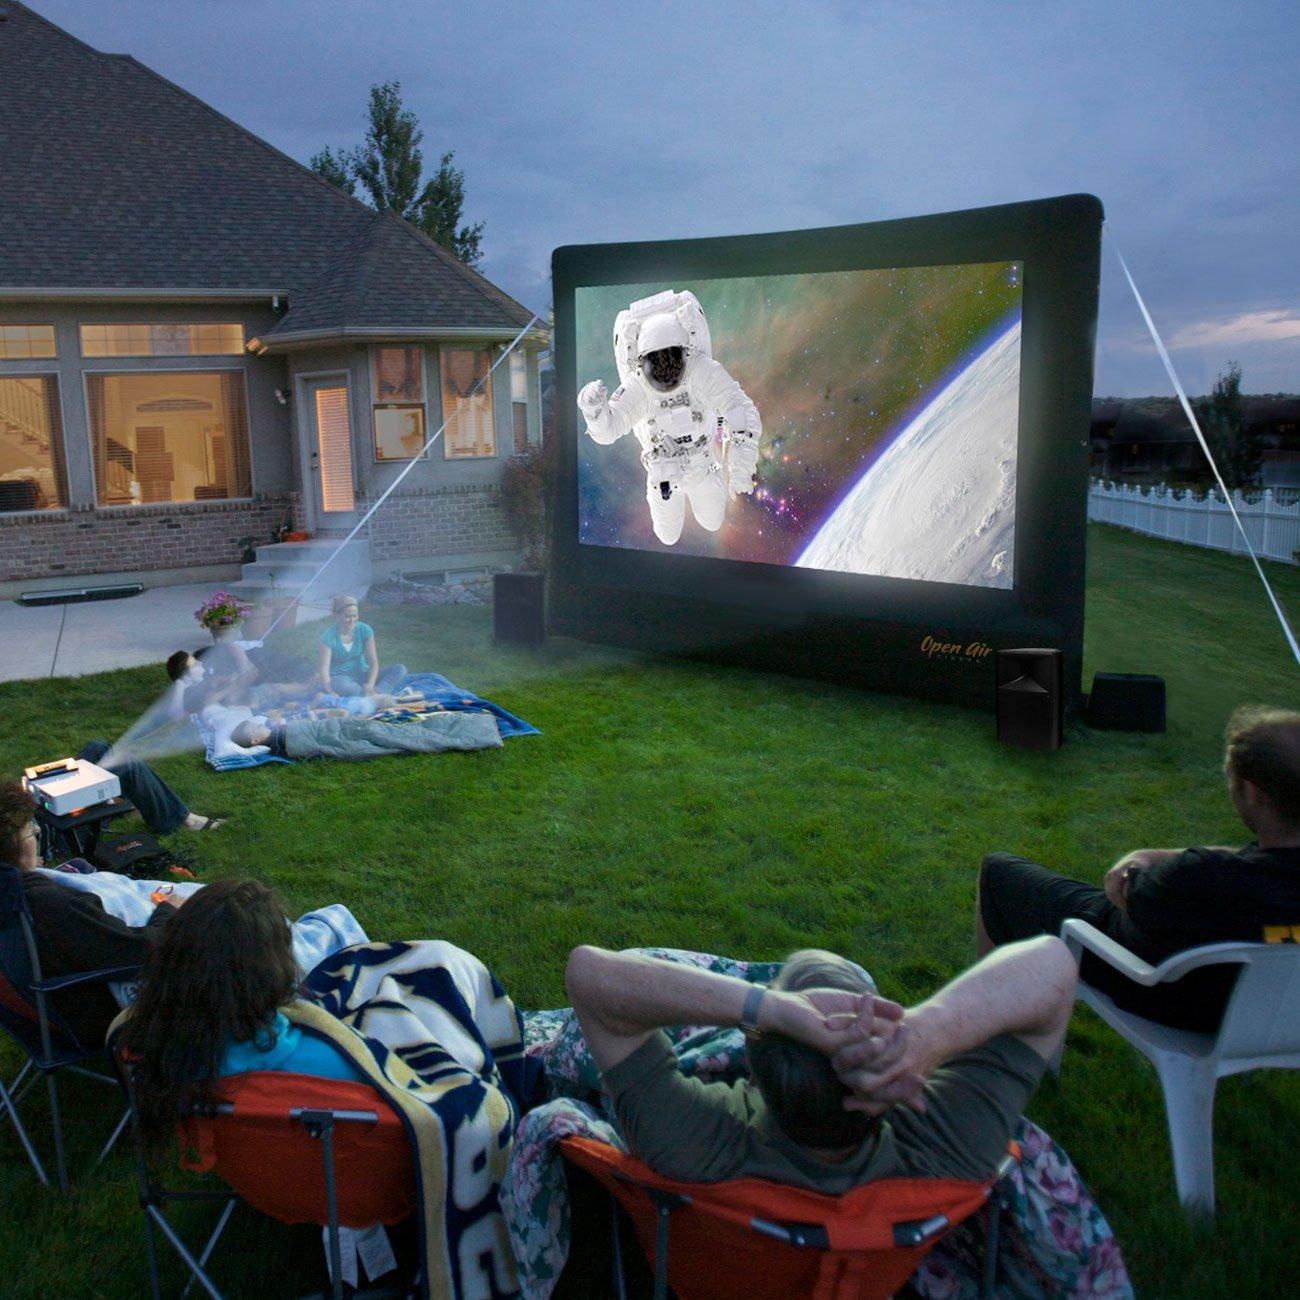 outdoor movie screen rentals in Suwanee